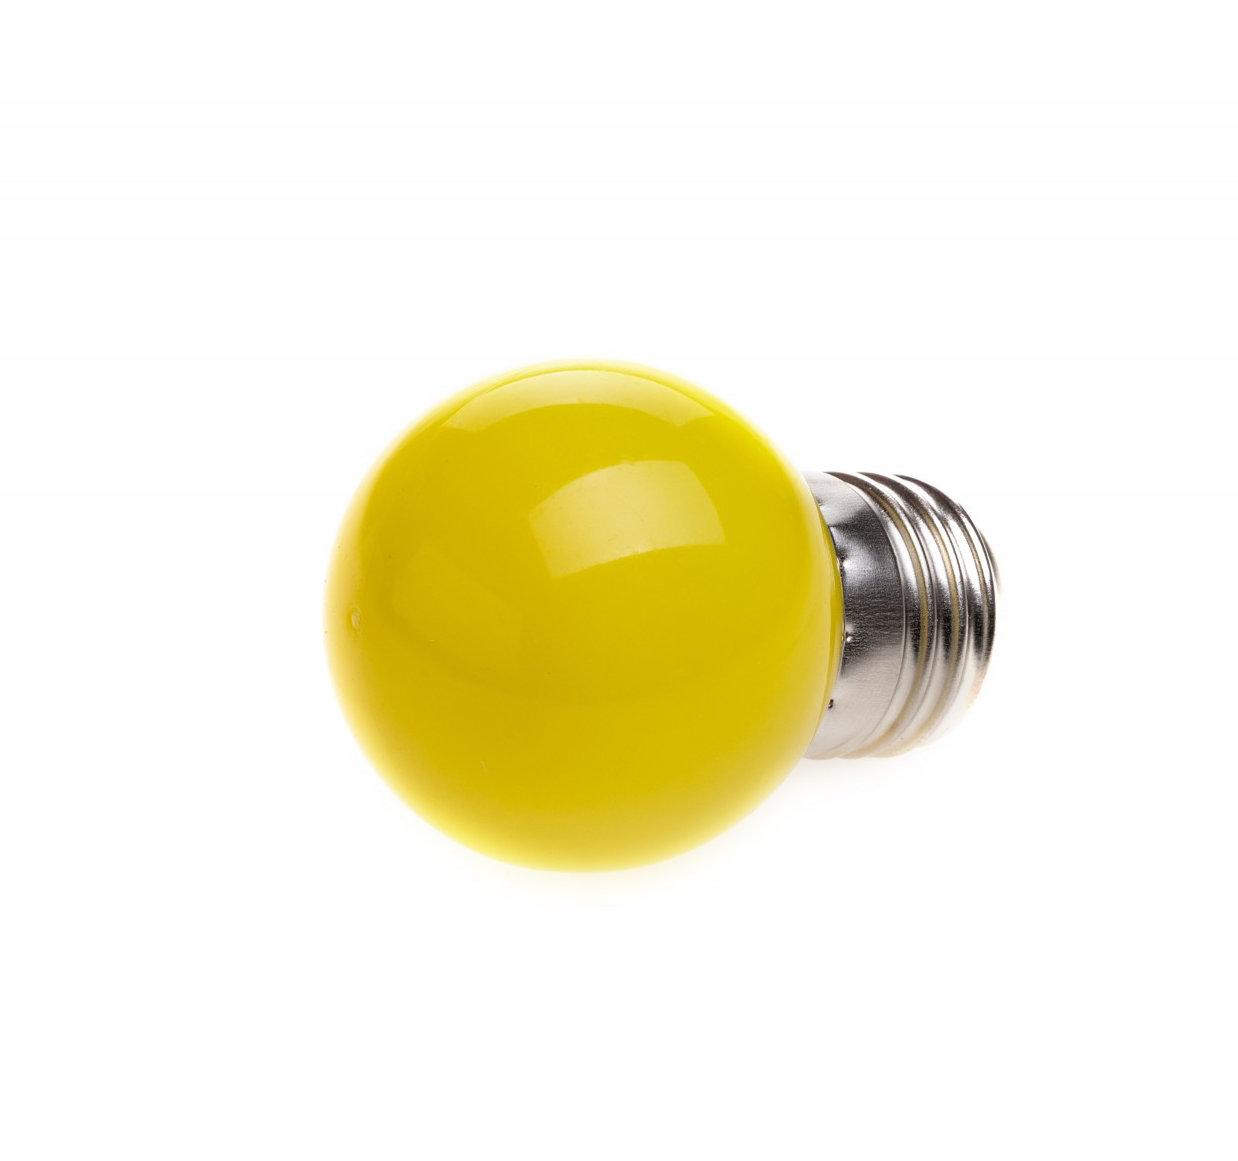 LED Dekoratívna žiarovka pre svetelné šnúry a reťaze, E27, 1W, Žltá farba (2)